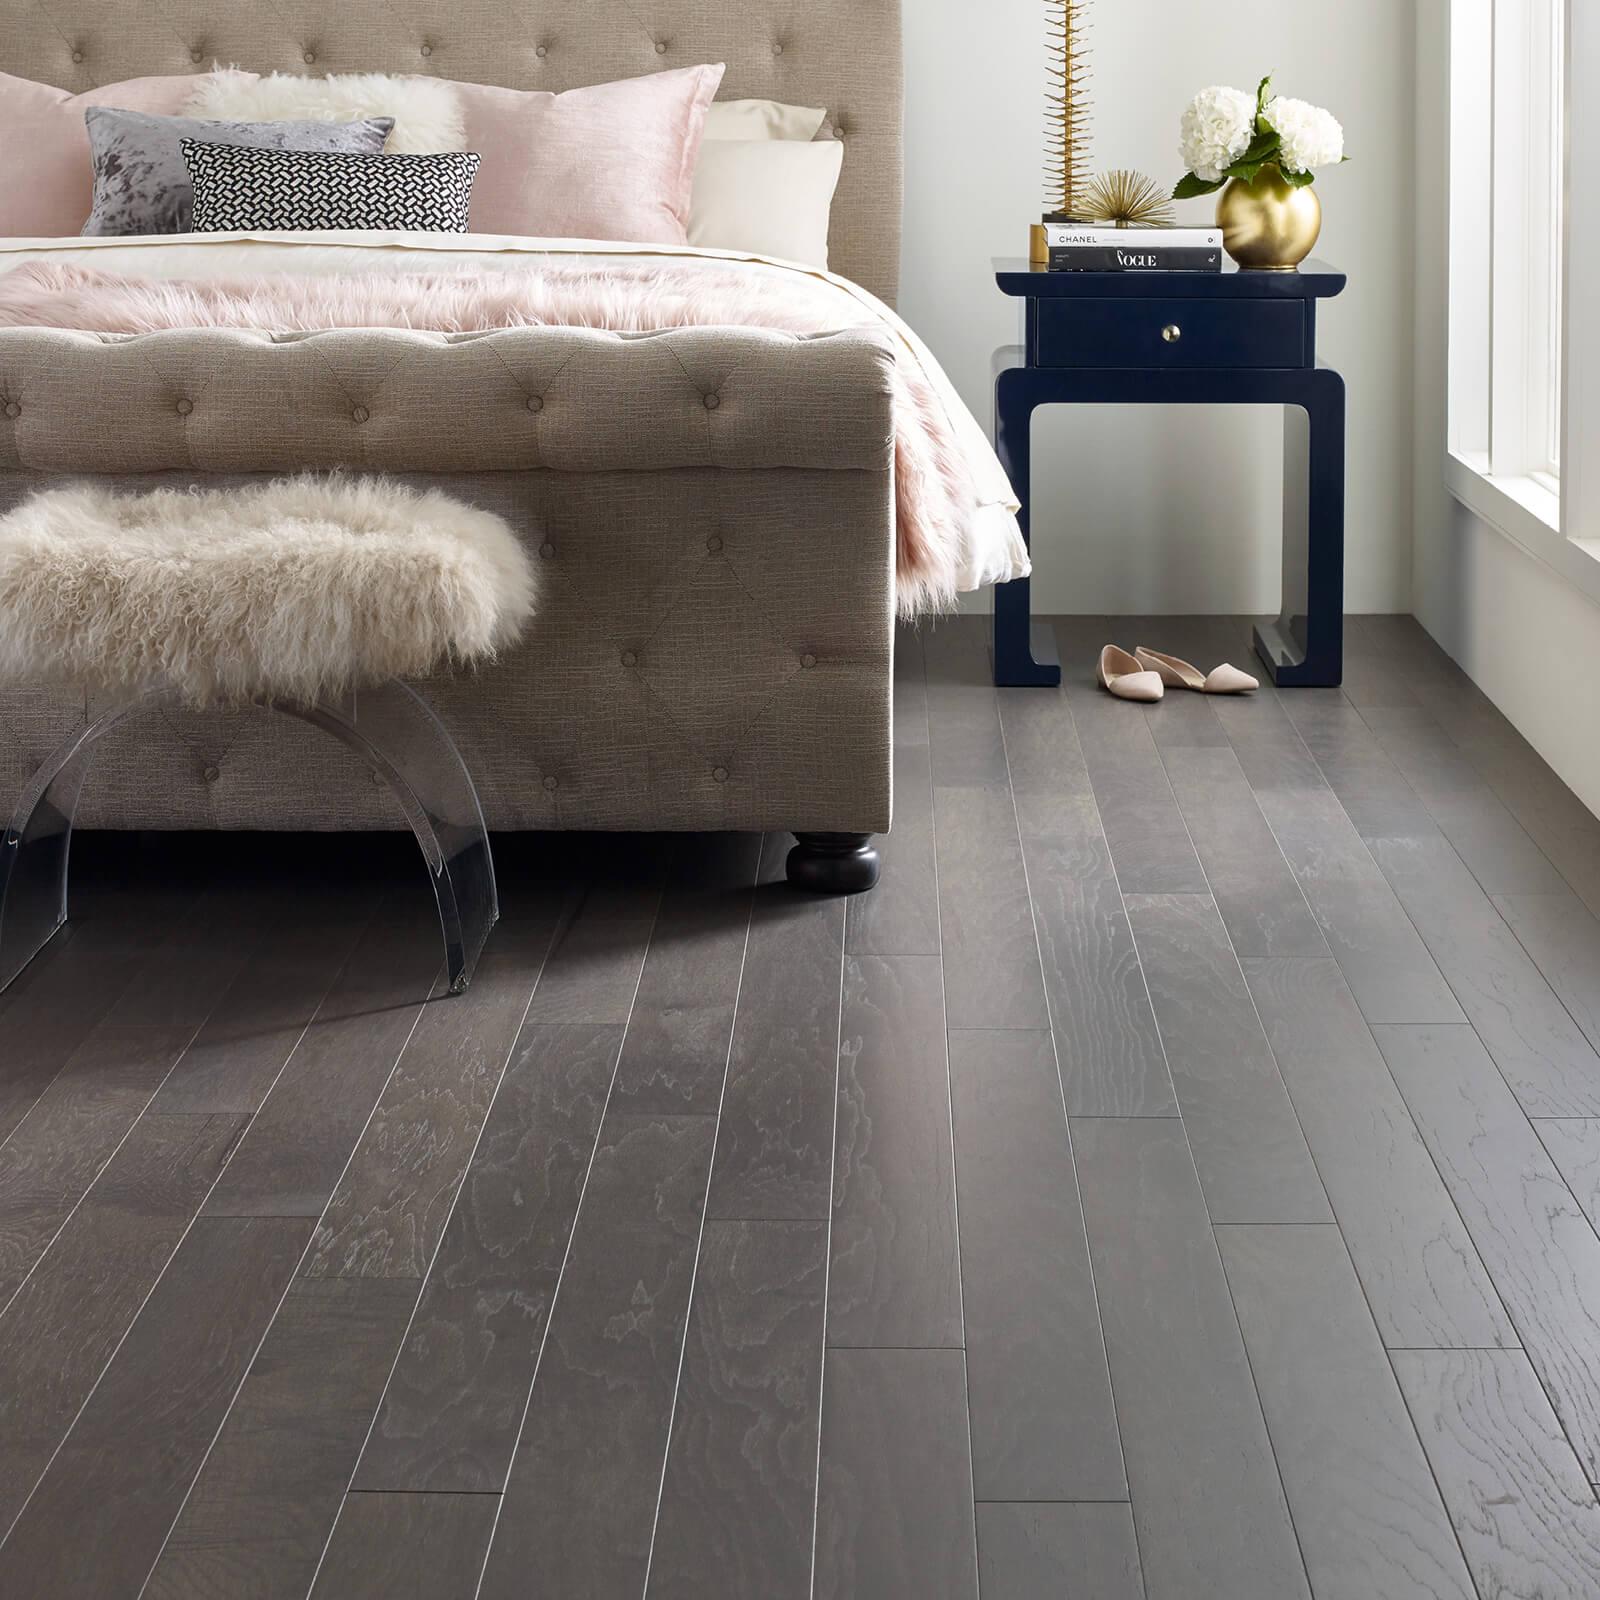 hardwood flooring in bedroom | Flooring by Wilson's Carpet Plus